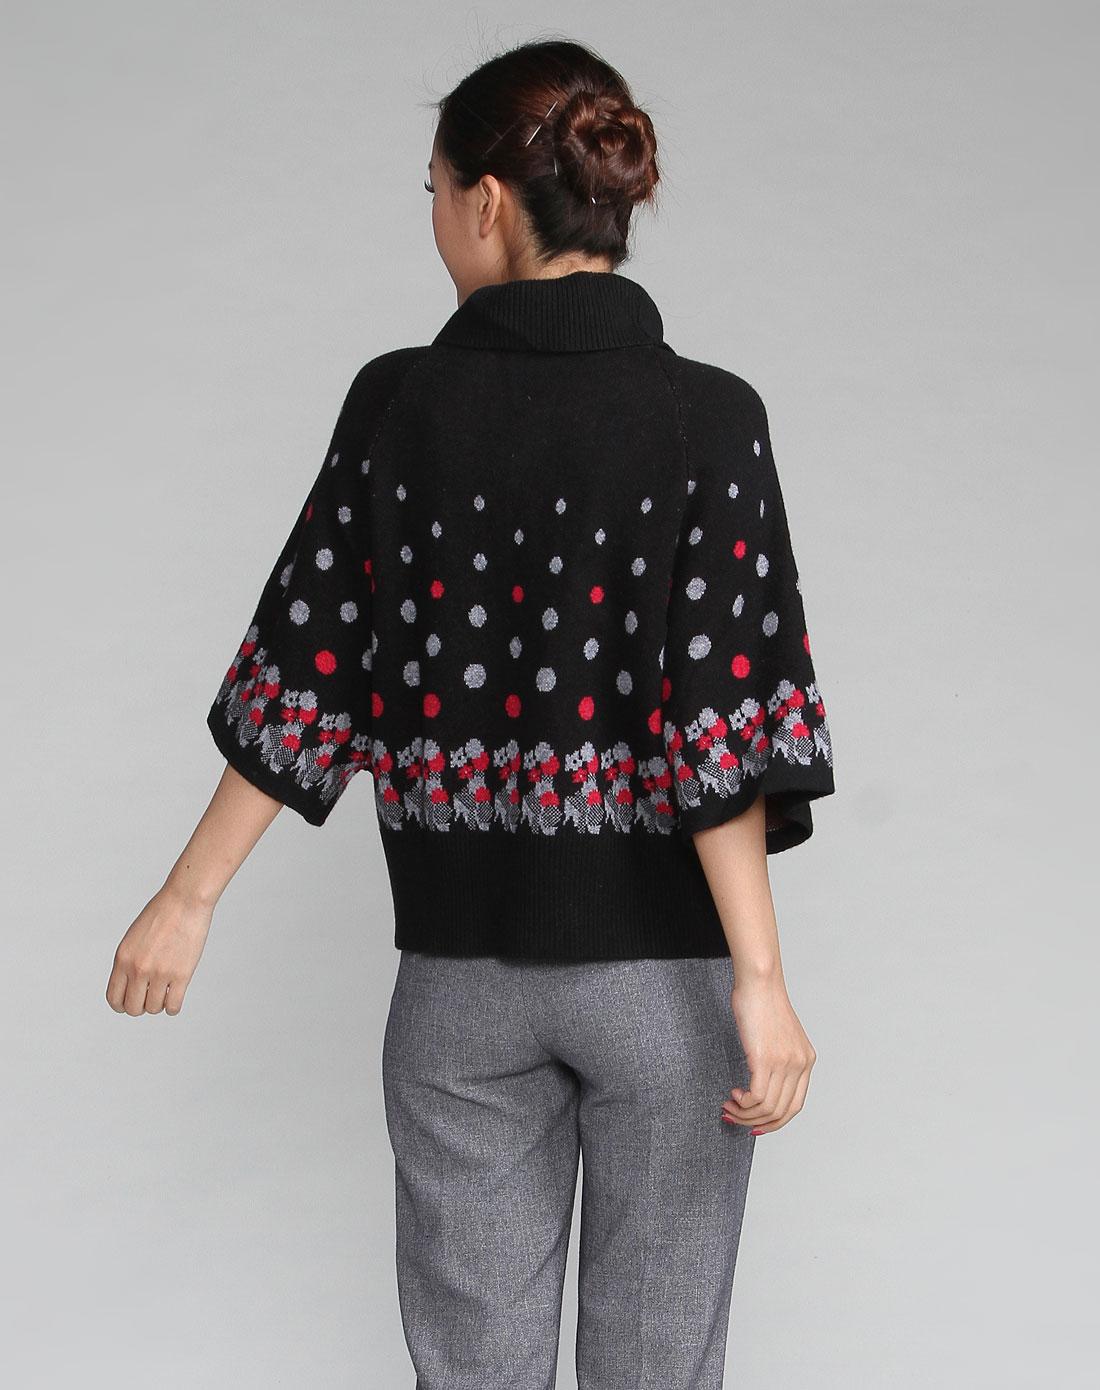 黑/灰色可爱圆点图案印花高领中袖针织衫